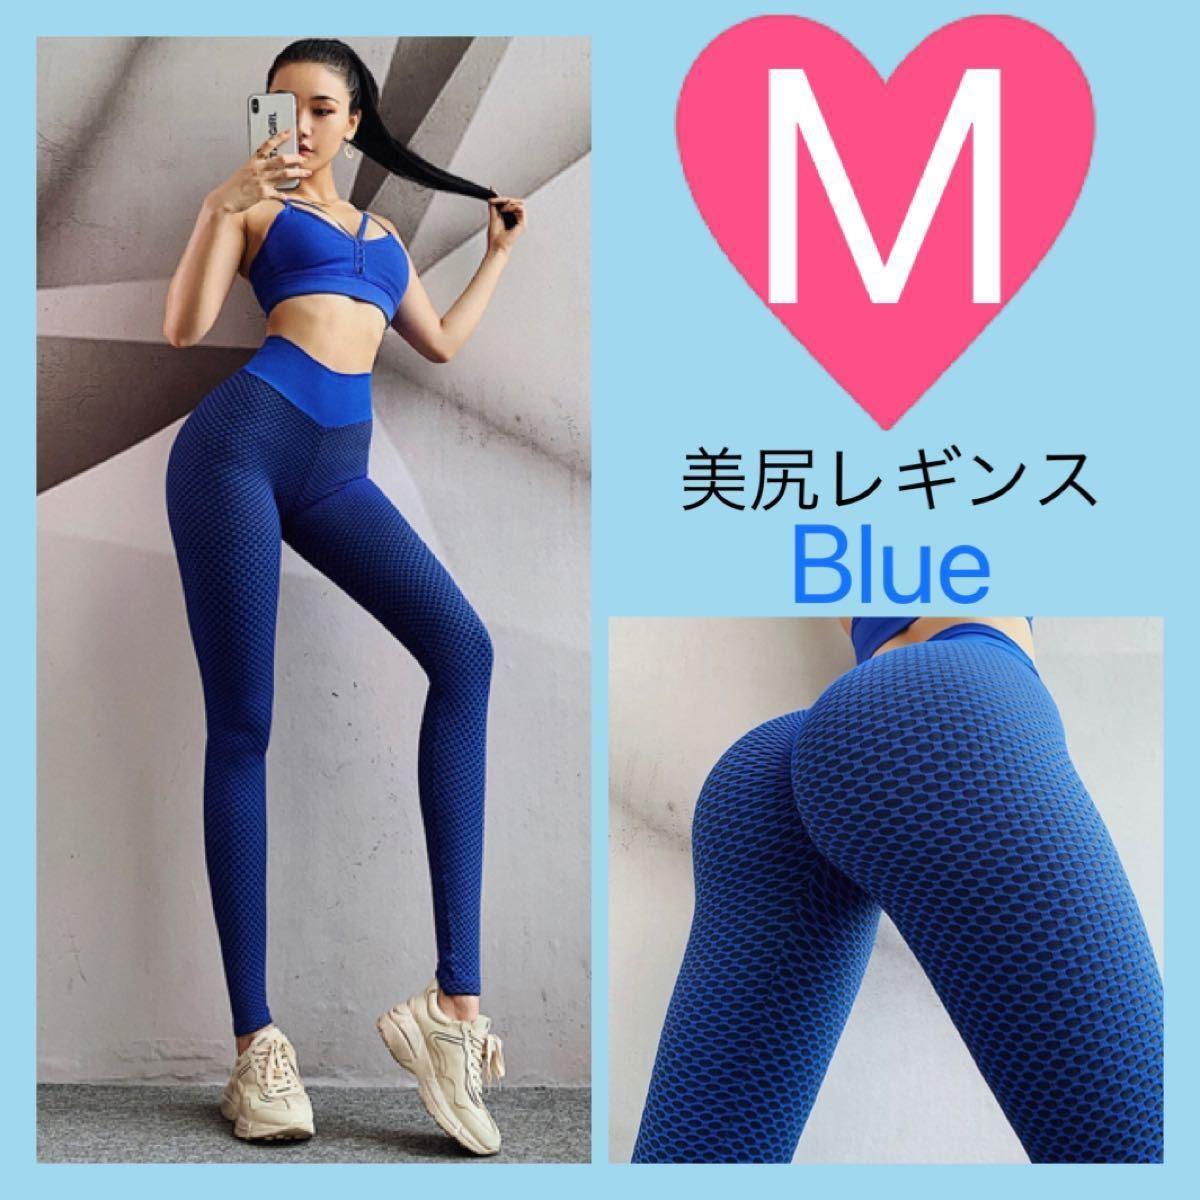 スパッツ ヨガパンツ レギンス ブルー 青 伸縮性あり M スポーツ レディース 美脚 美尻 ヨガウェア 韓国 ヨガ トレーニング